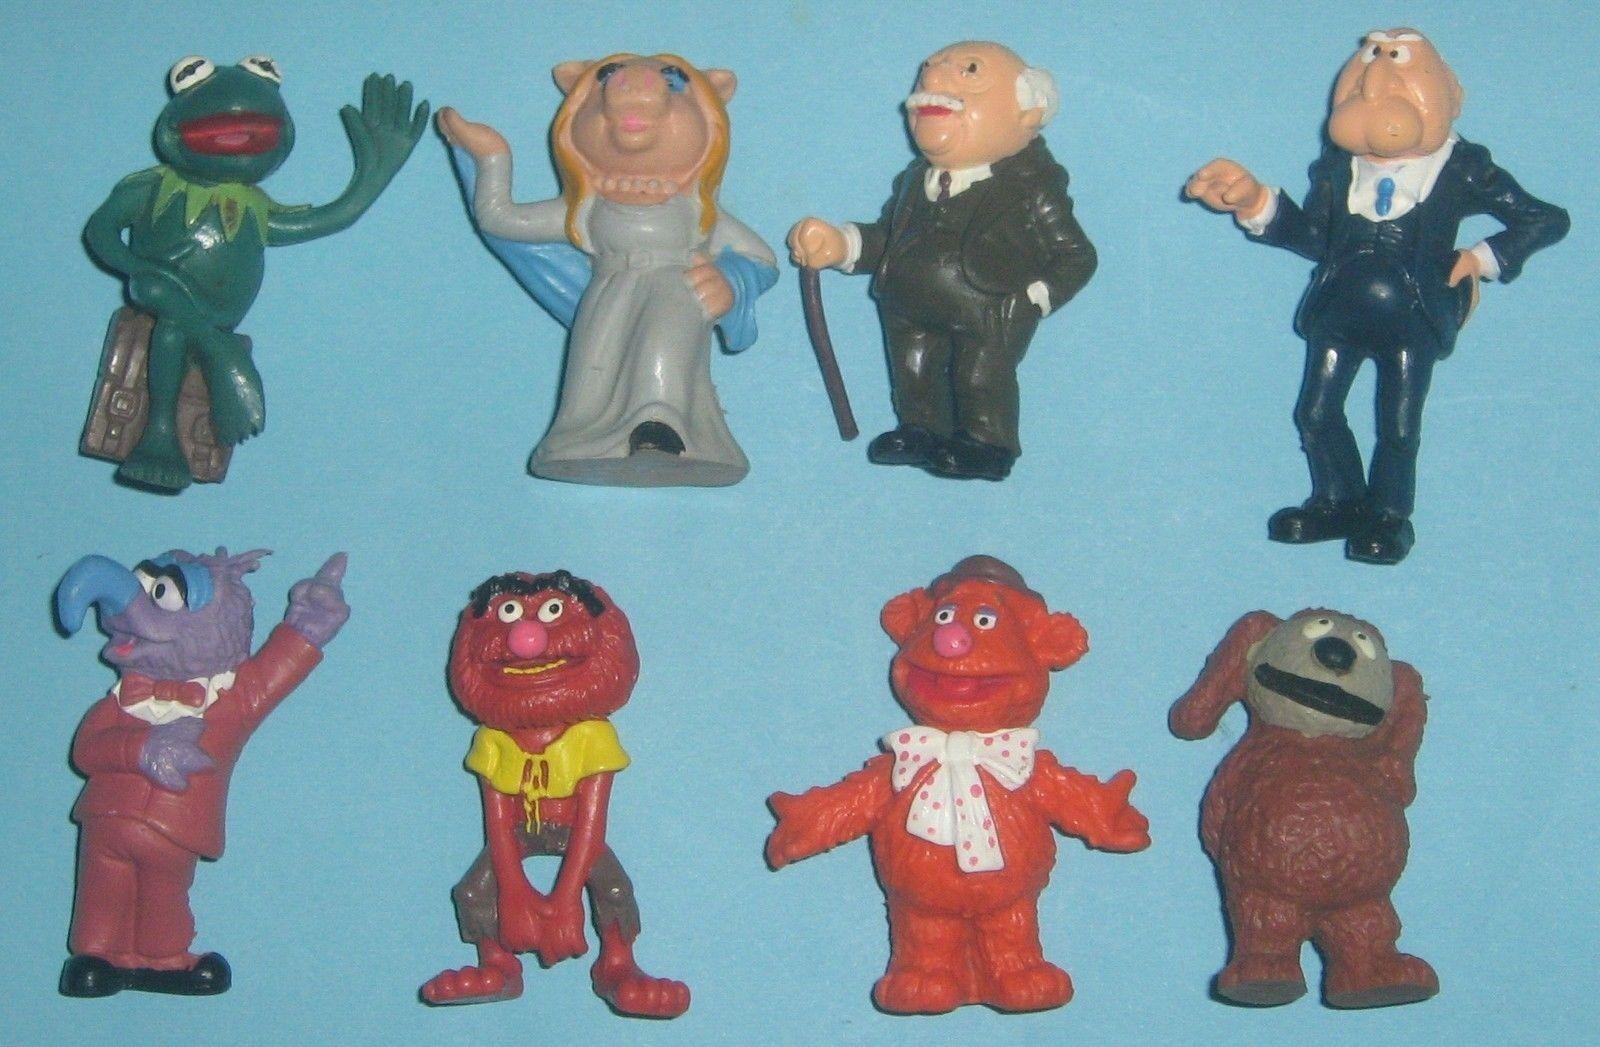 8 zahlen pvc muppet show schleich spielzeug - 1978